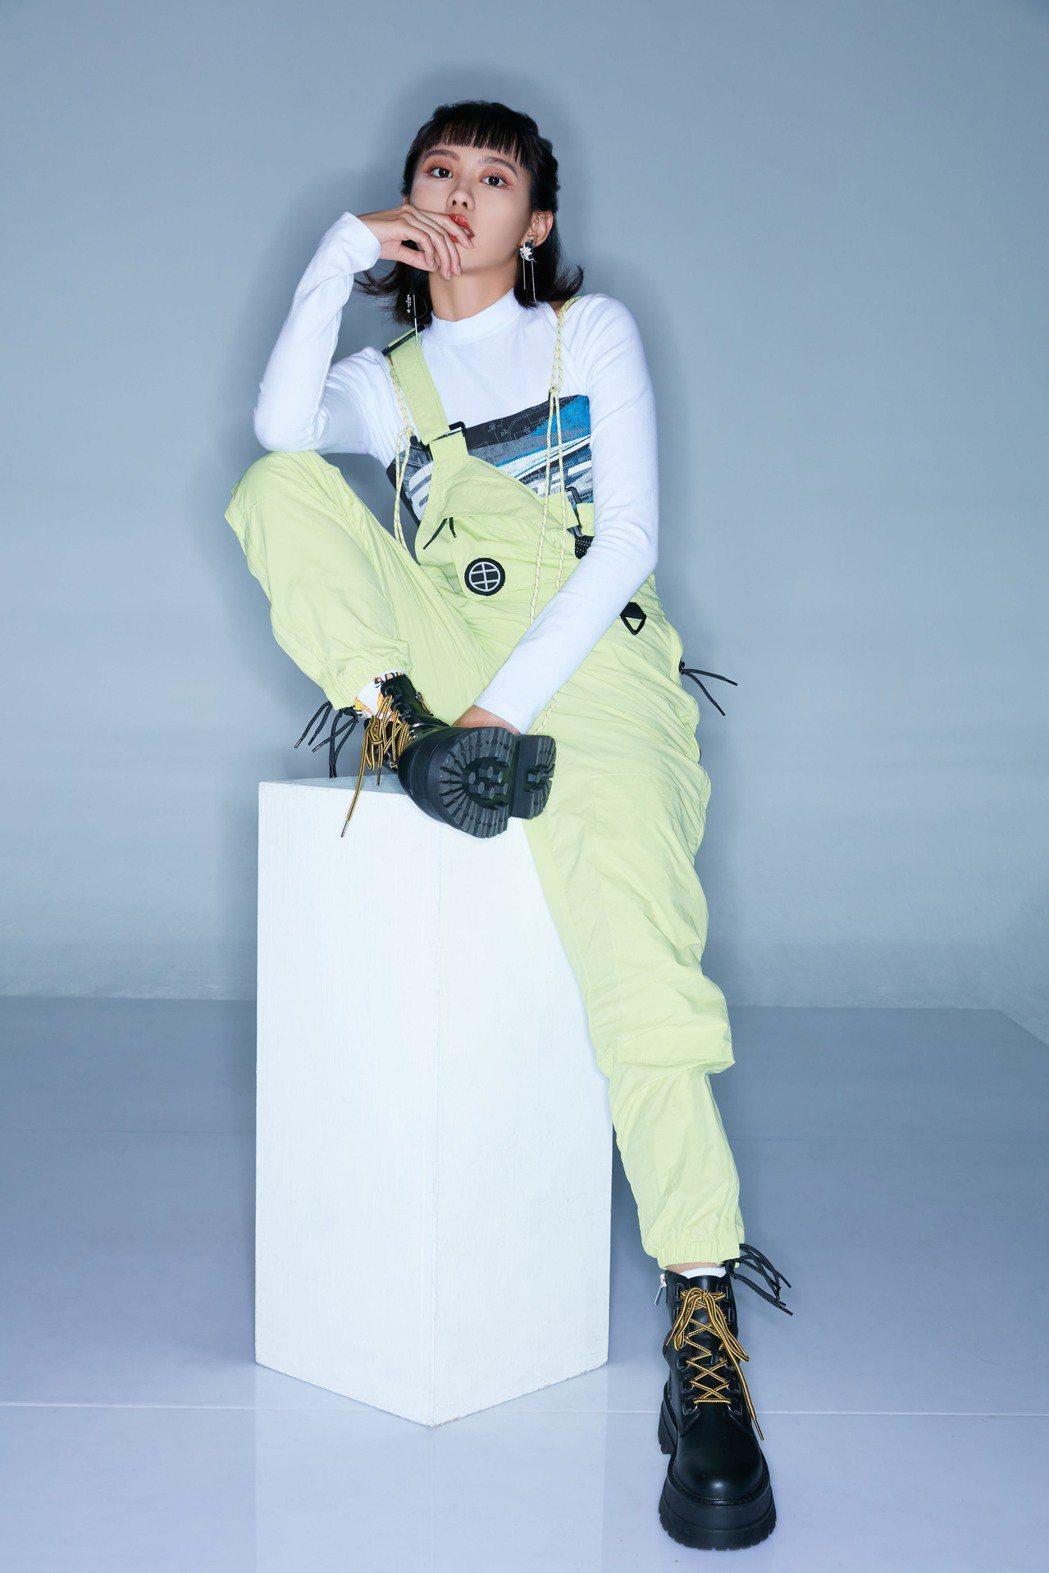 李芷婷創作新歌「理智停止後」道出成名史的心路歷程。圖/唯有音樂提供